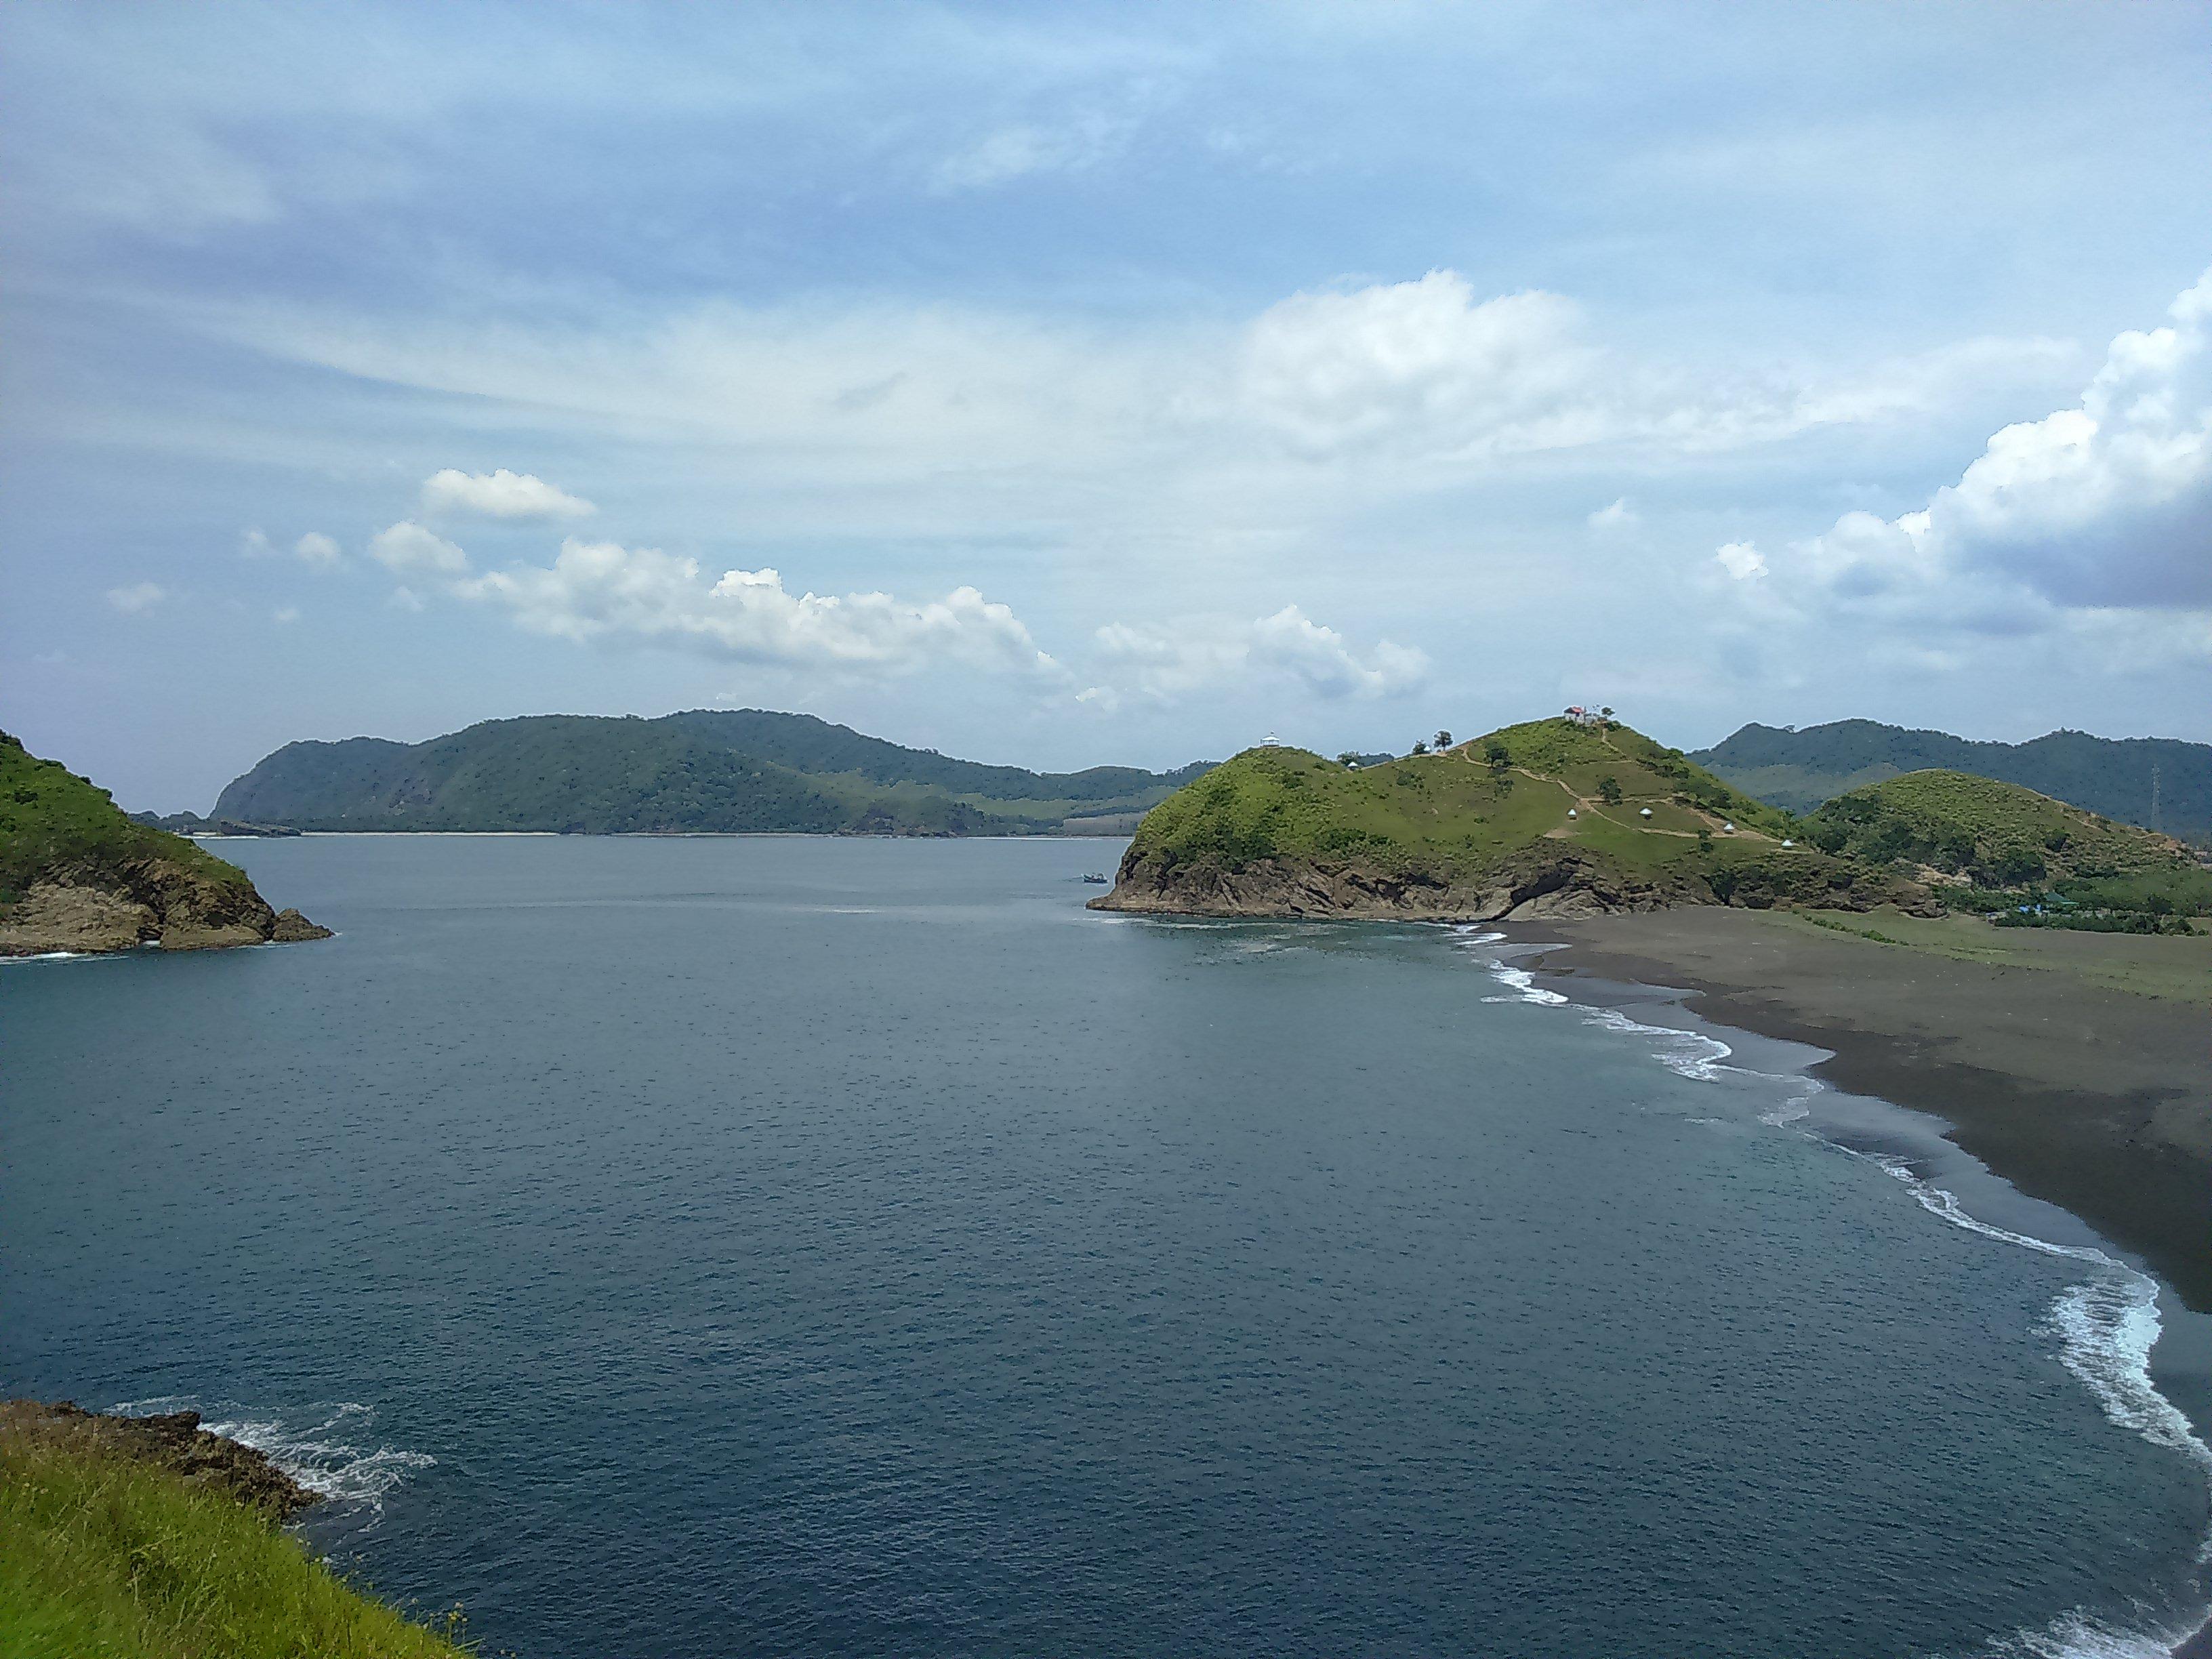 Pemandangan Pantai Payangan dan Bukit-Bukit dari Bukit Domba (Dokumentasi Pribadi)